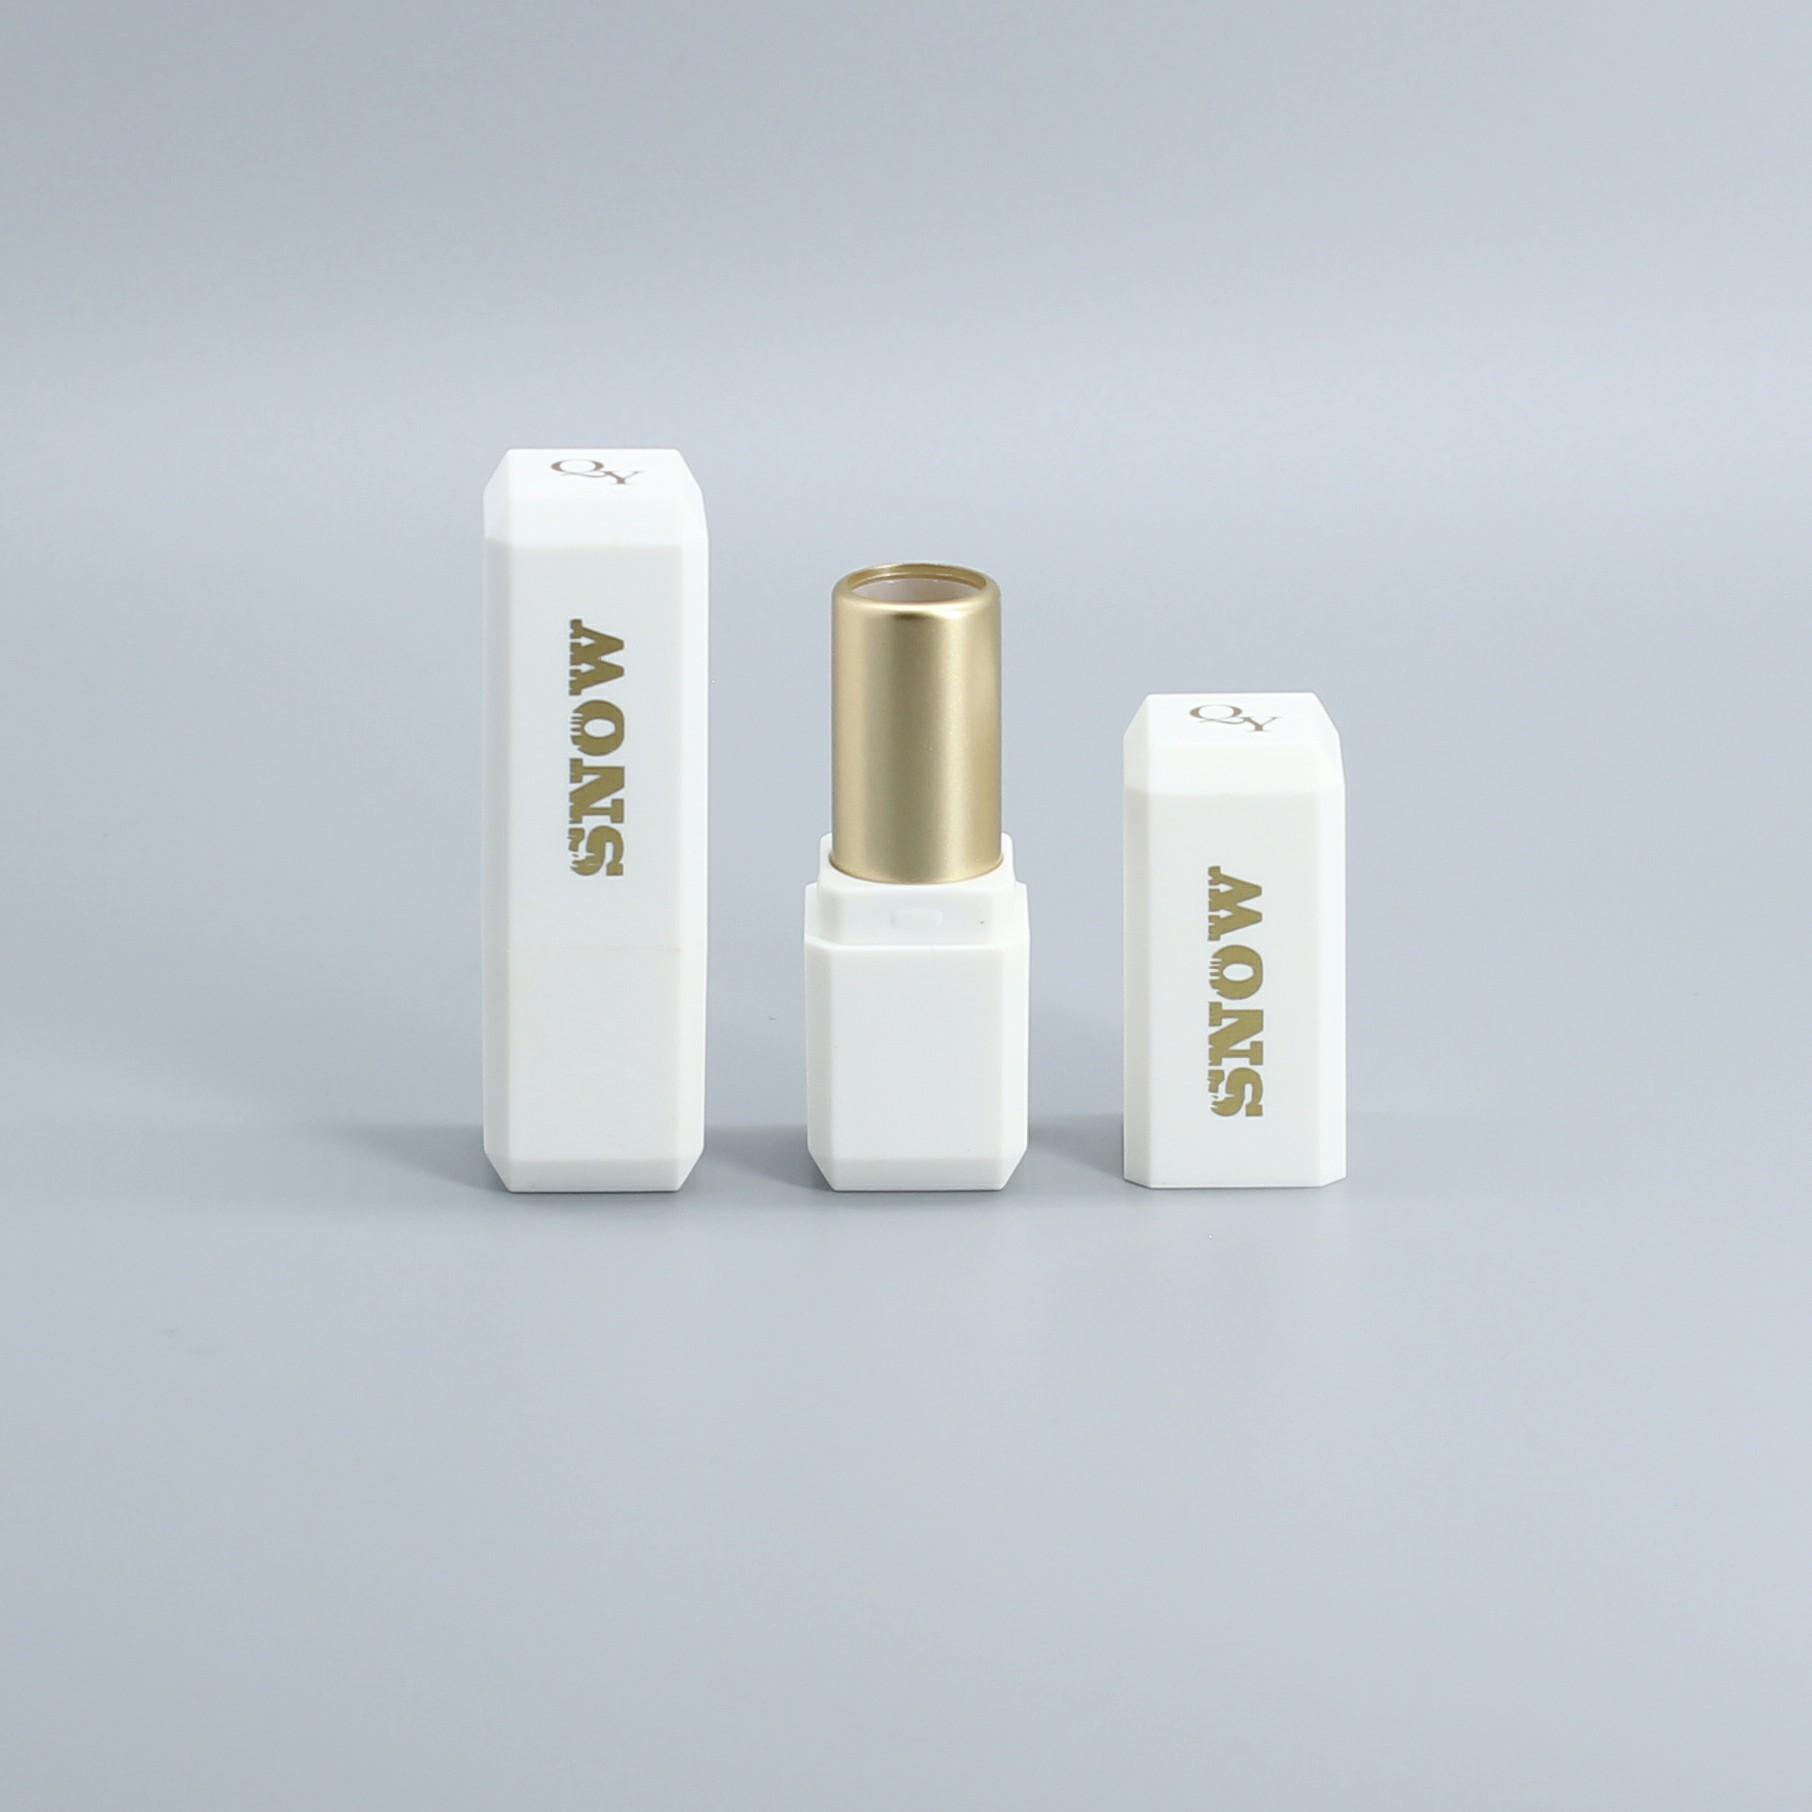 लोकप्रिय सफेद उच्च गुणवत्ता कस्टम पैकेजिंग डिजाइन मिनी सोने खाली लिपस्टिक ट्यूब